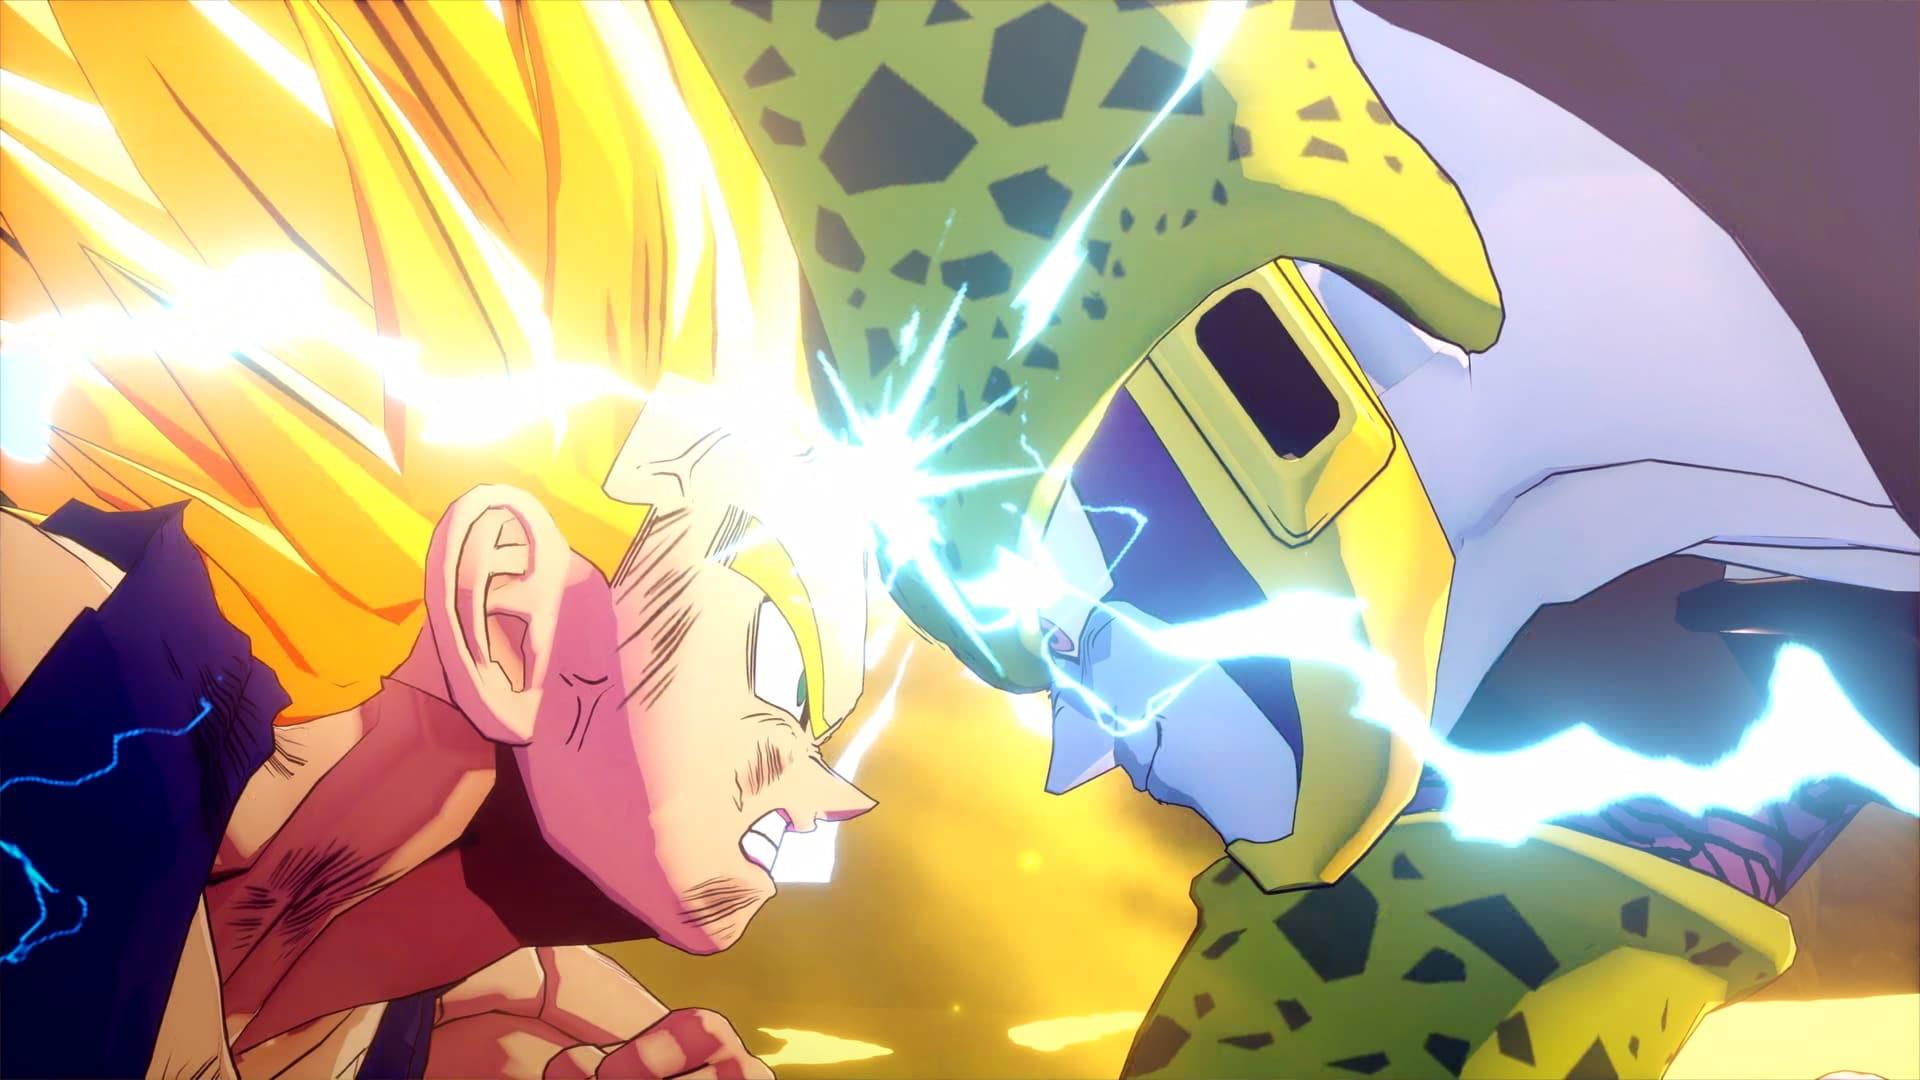 DBZ Kakarot Update 1.70 Patch Notes Dragon Ball Z Kakarot Update 1.70 Patch Notes